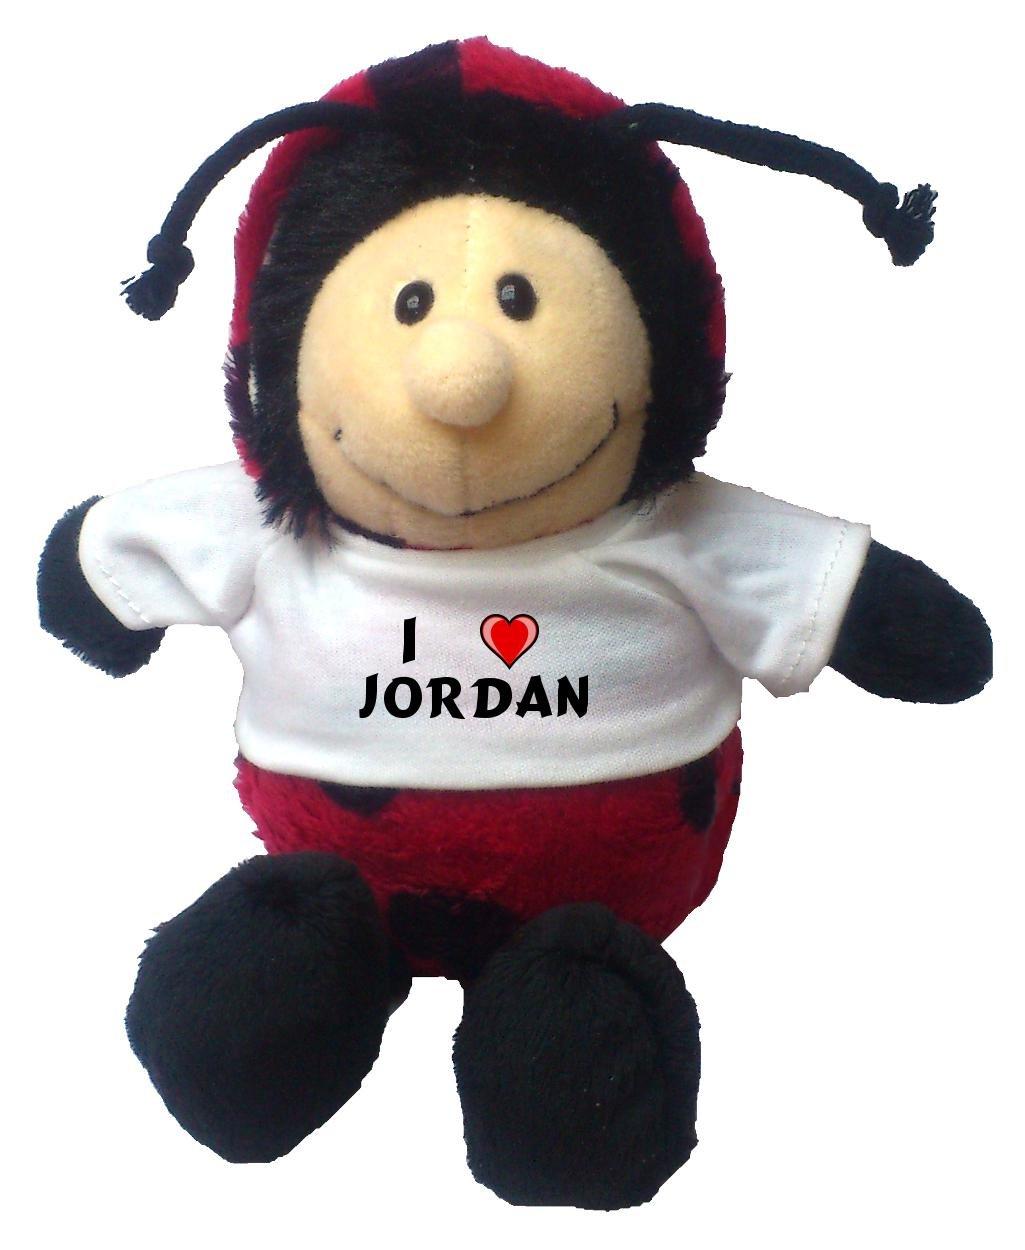 Mariquita de peluche con Amo Jordan en la camiseta: Amazon.es: Juguetes y juegos